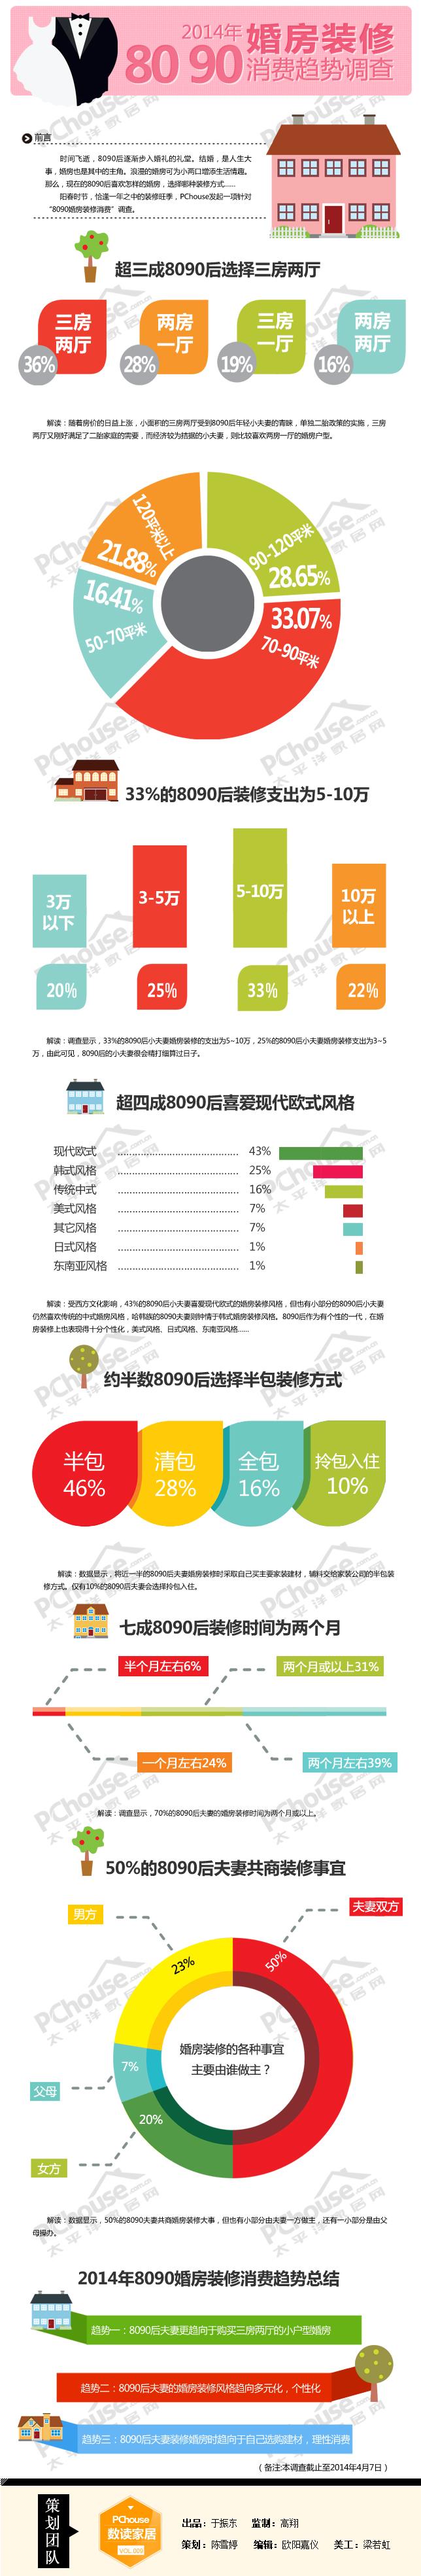 2014年8090婚房装修消费趋势调查